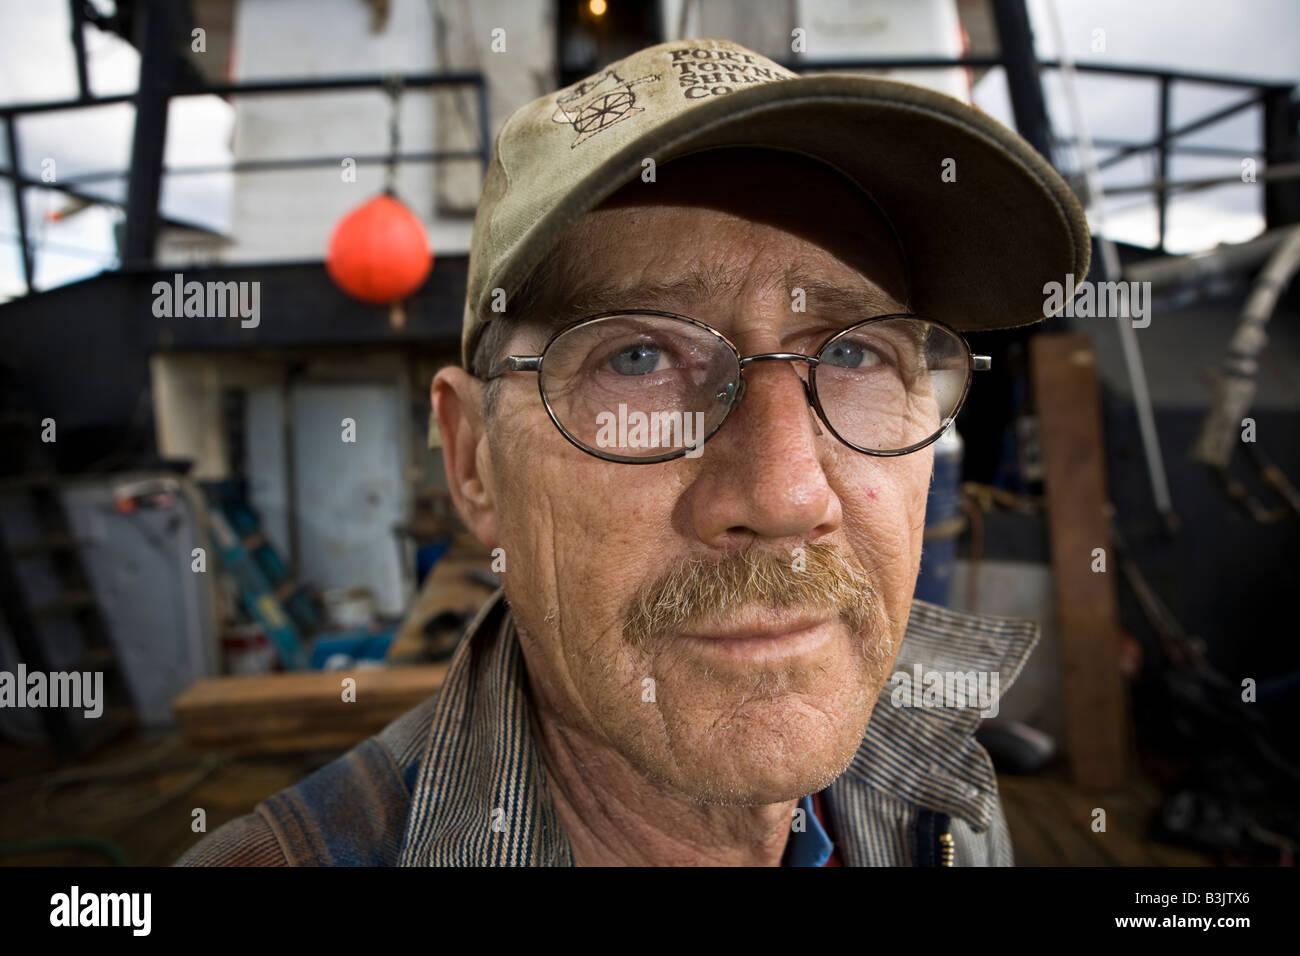 Barbara Palvin HUN 2 2012, 2018 Porno image Peter Burroughs (born 1947),Susanna Hunt